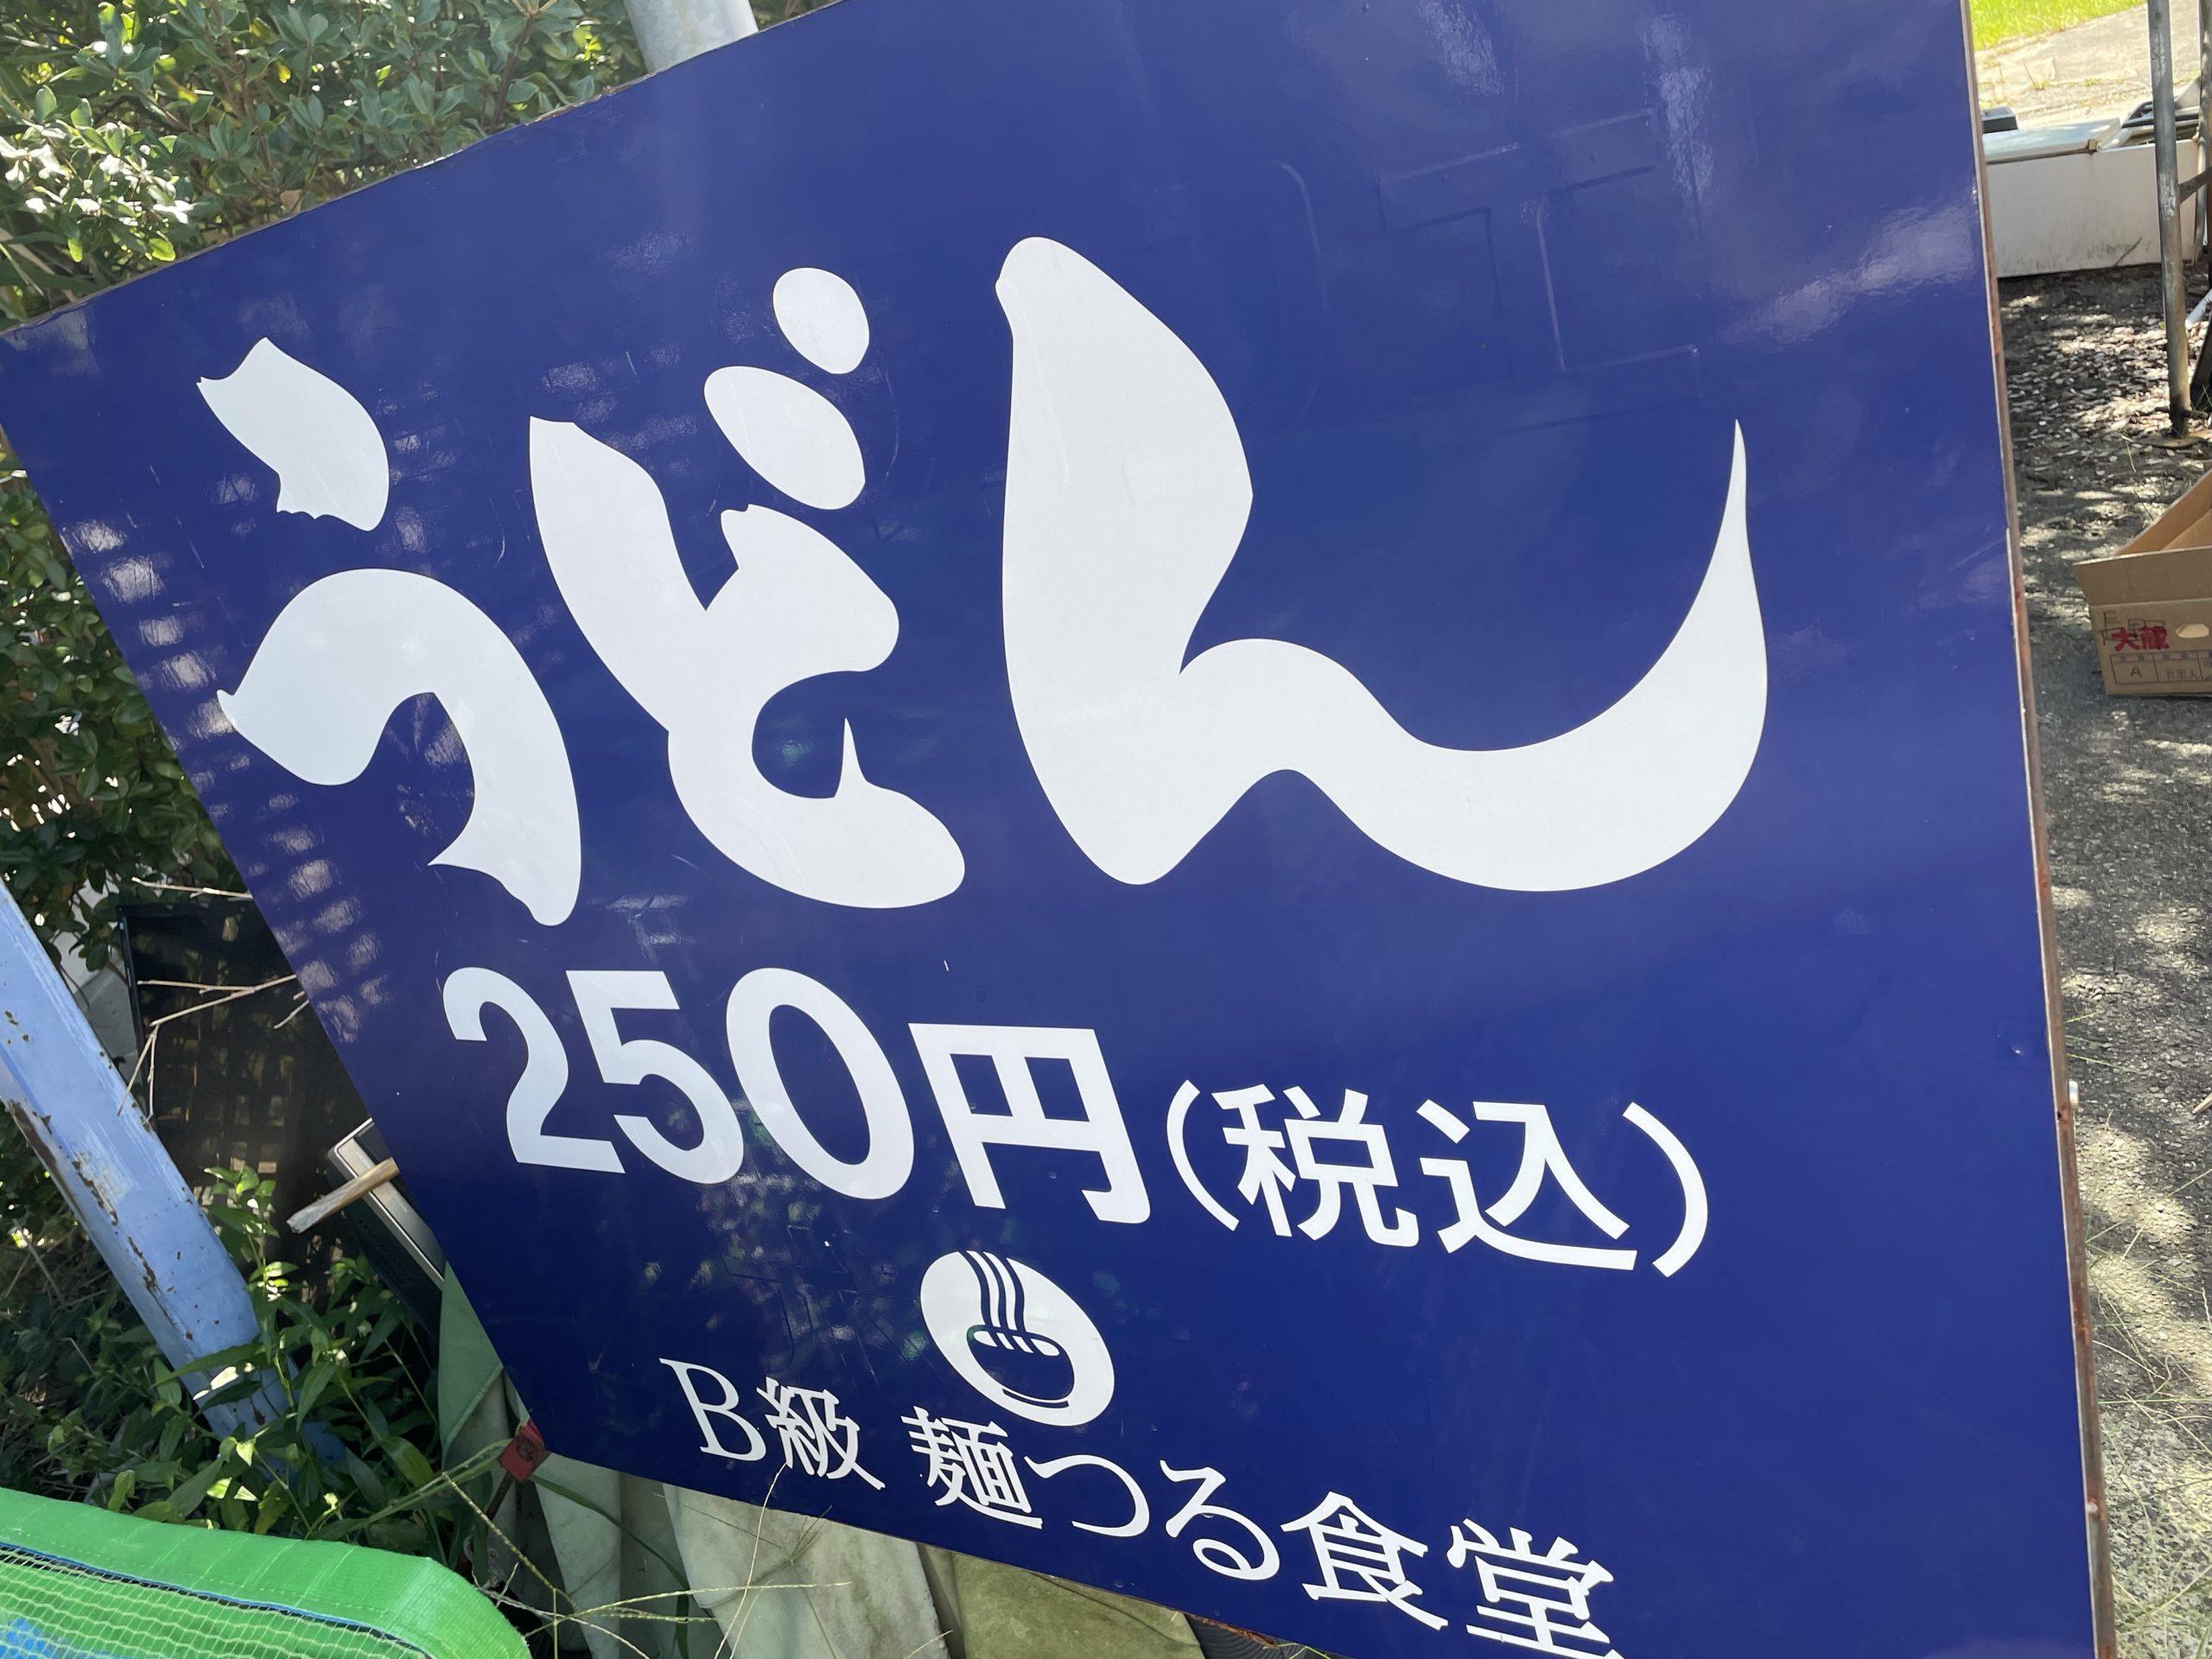 安さが売りの「B級麺つる食堂」ではワインやカクテルもお得に!【和倉温泉】